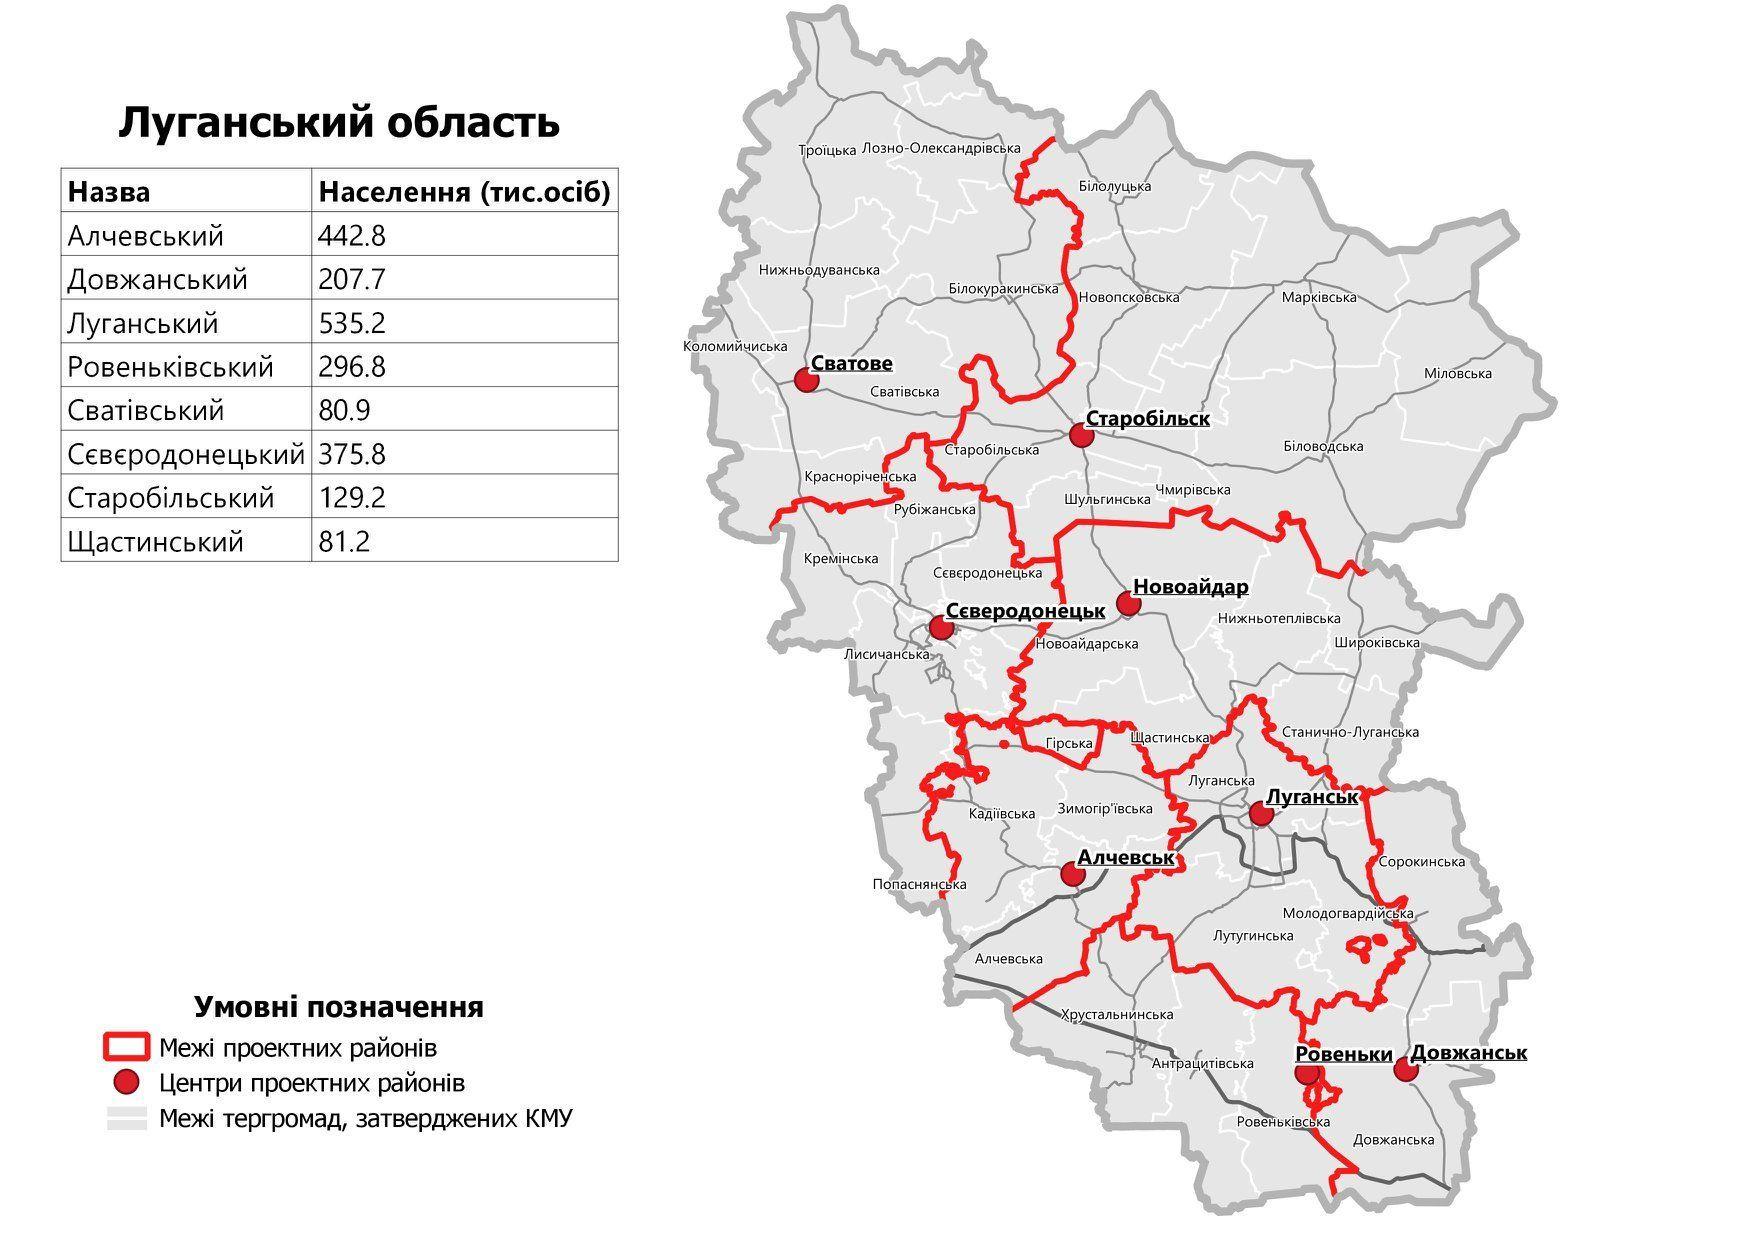 Мапа нових районів_3